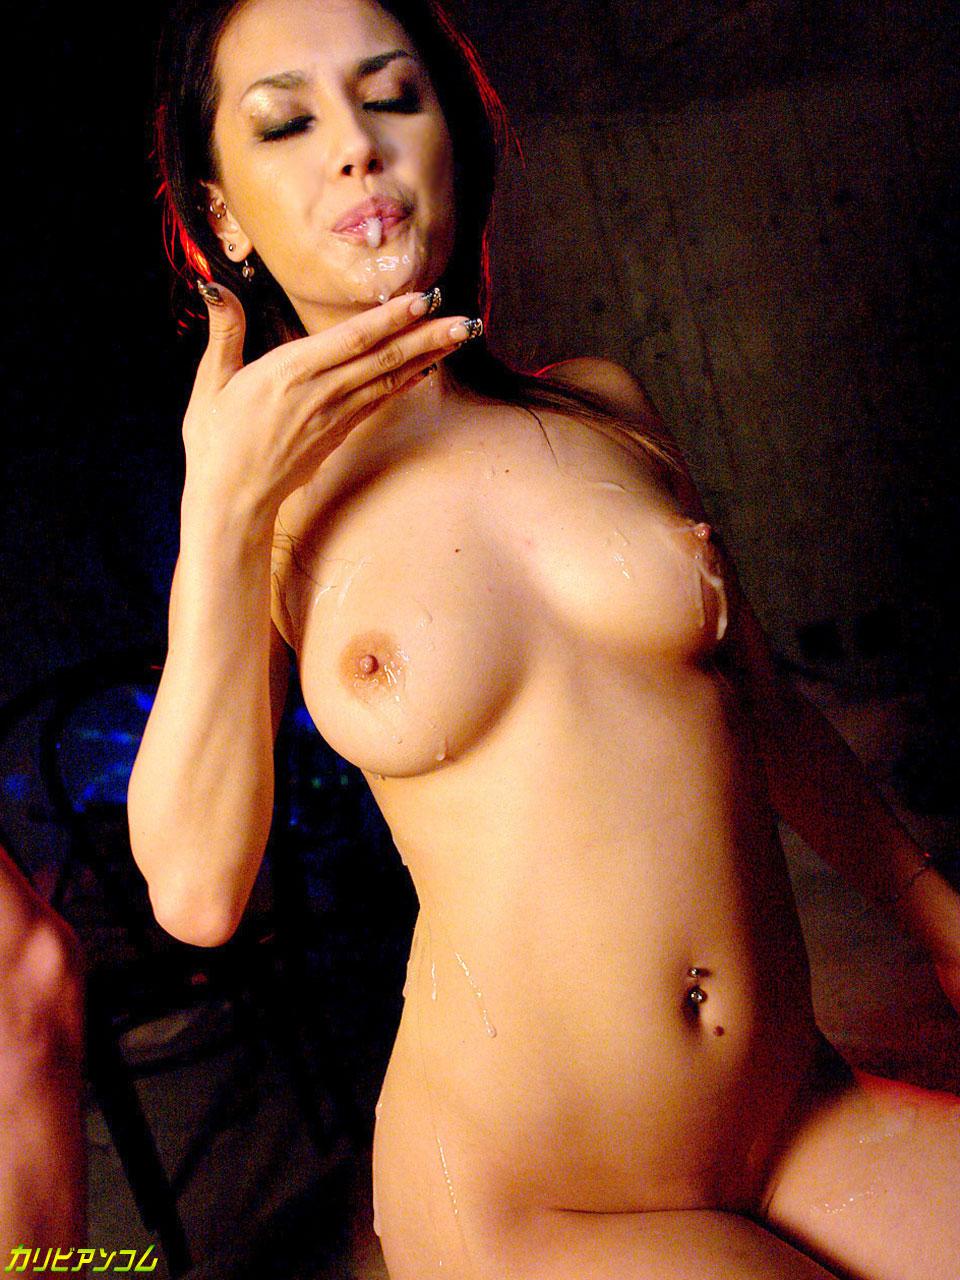 小澤マリア エロ画像 112